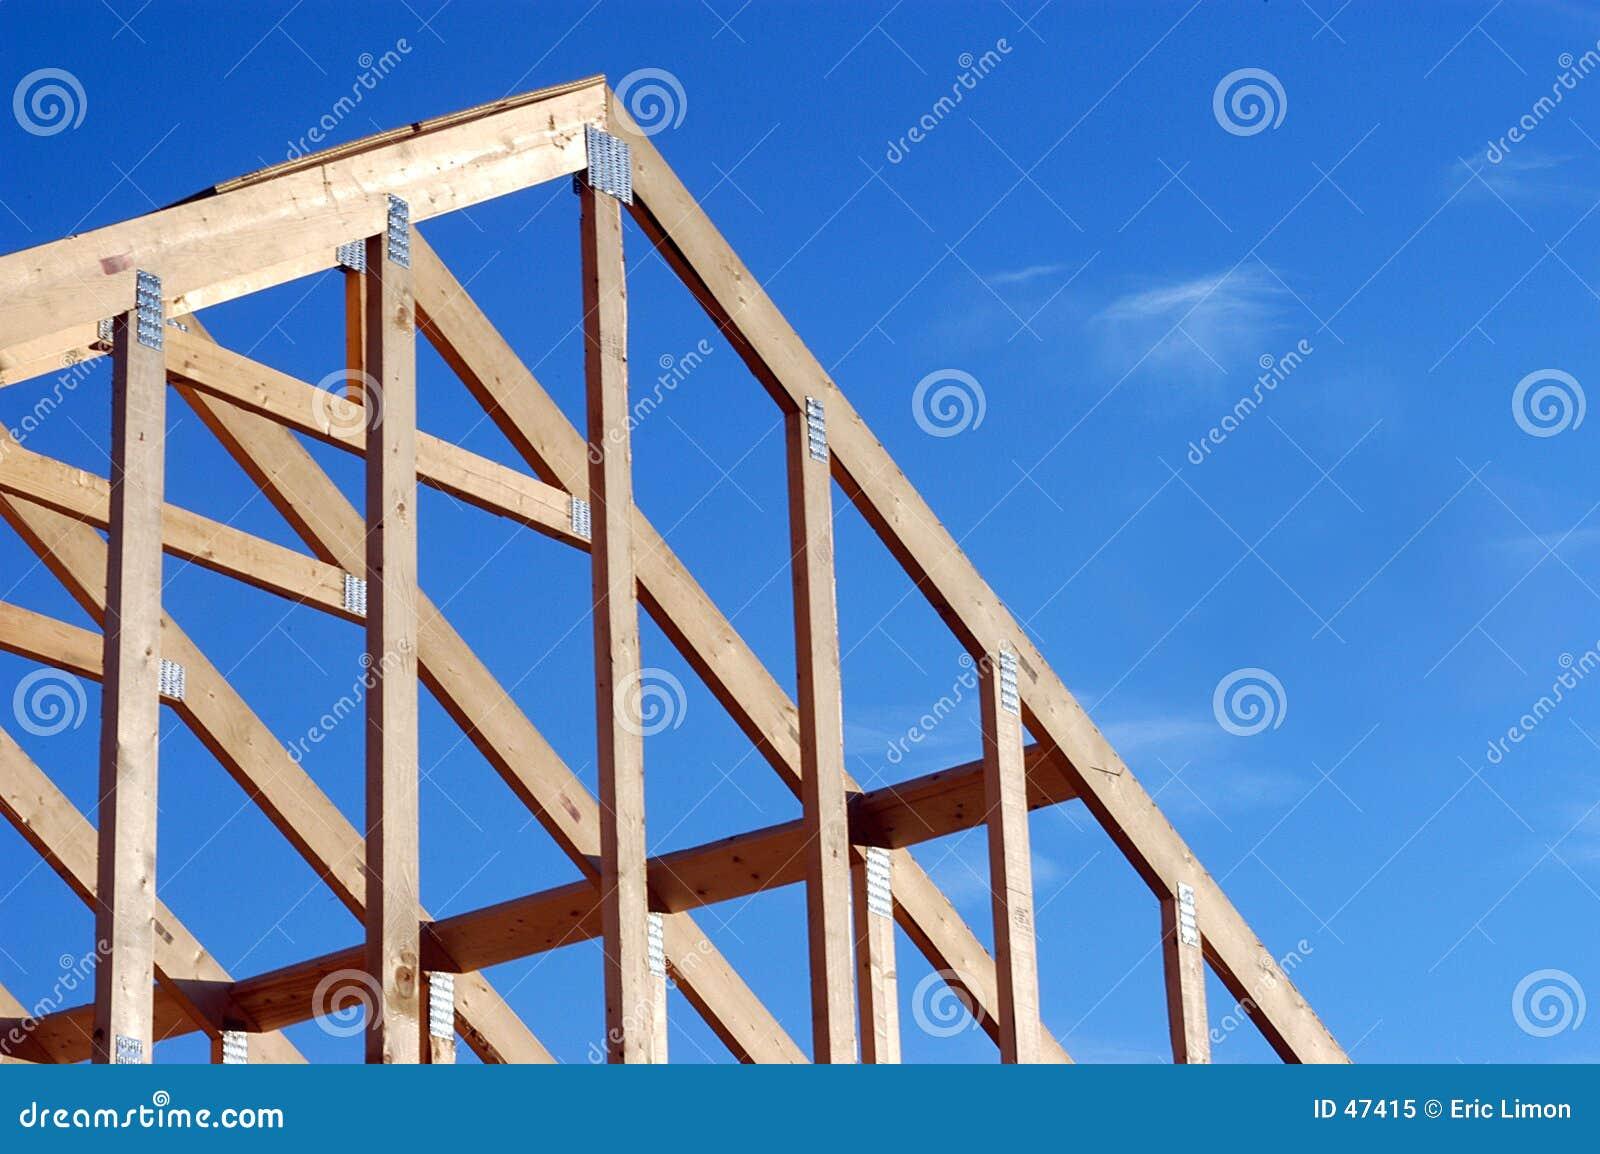 Trame de construction